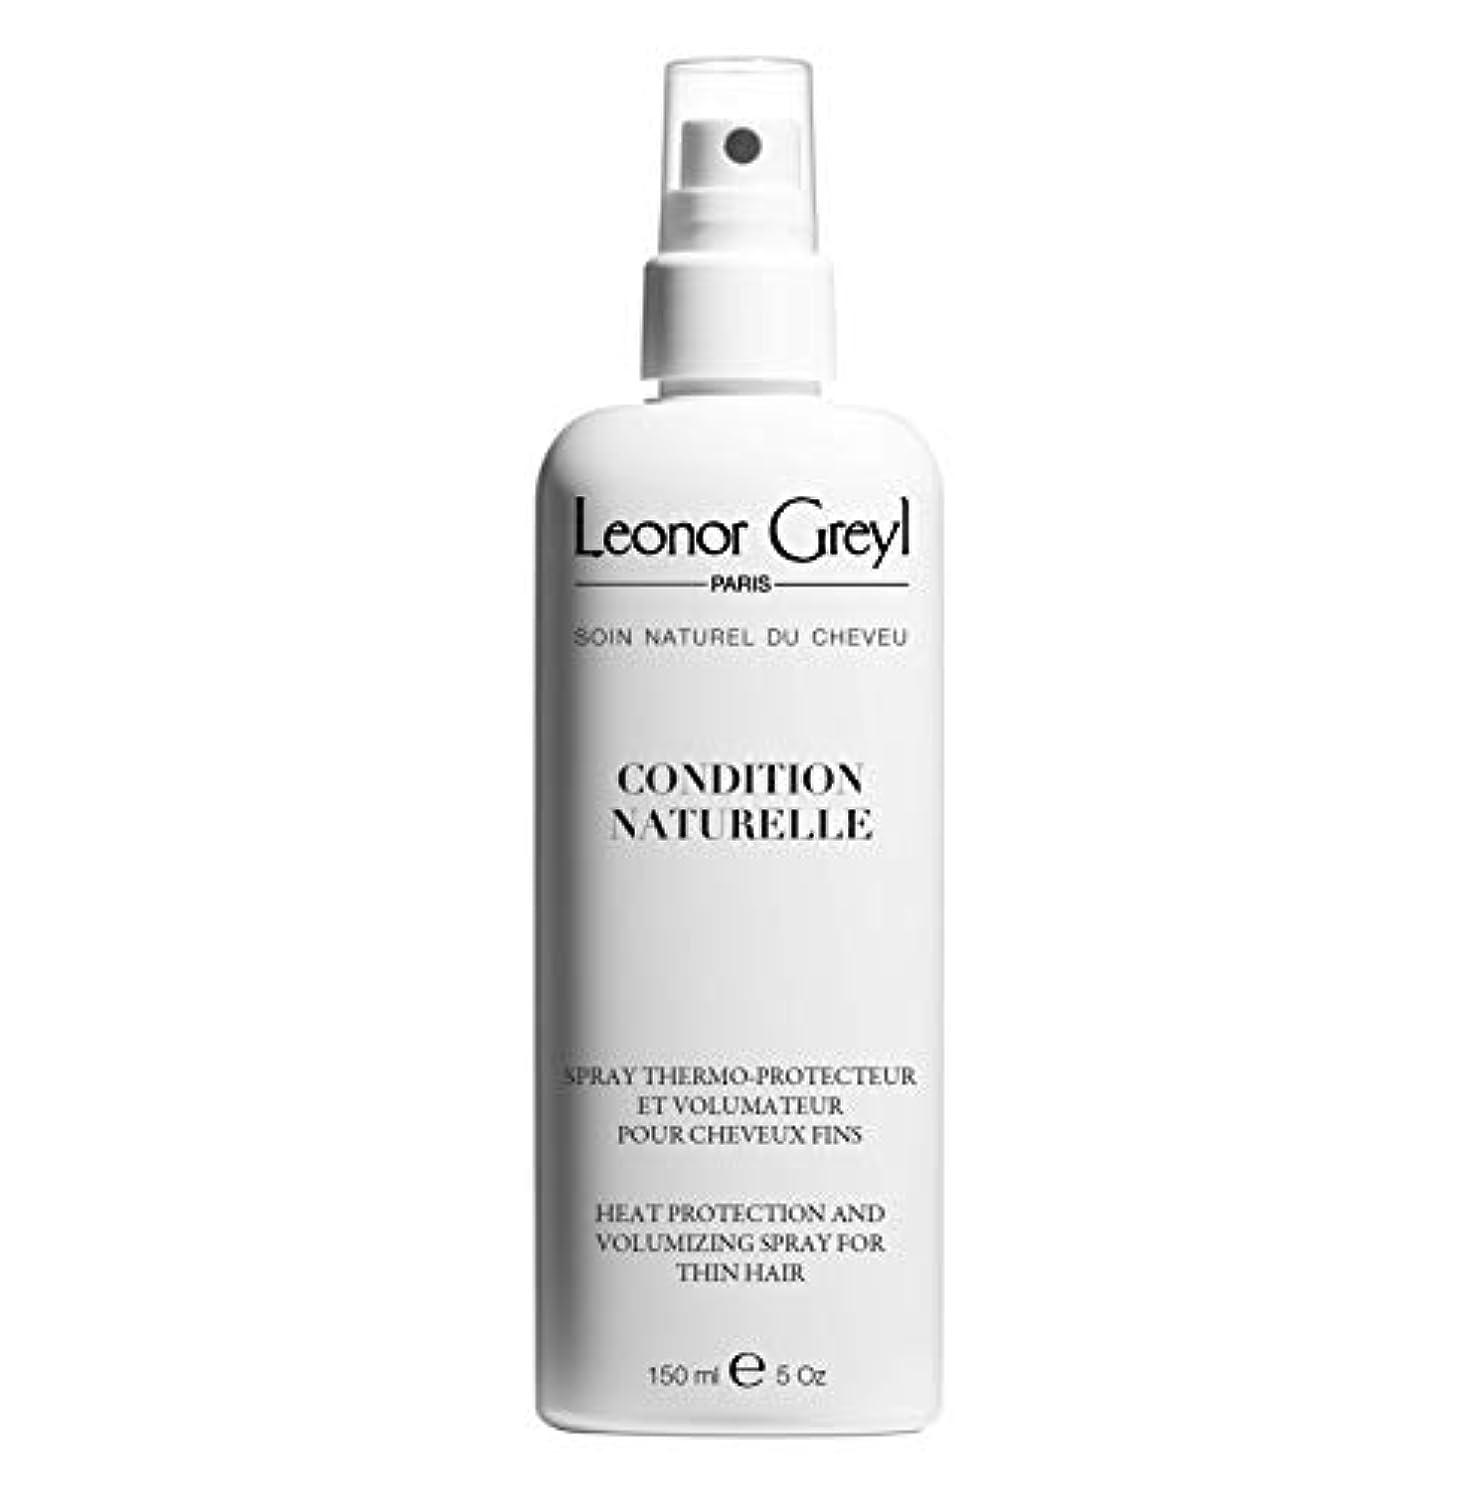 セラフ設計罹患率Leonor Greyl Paris コンディションNaturelle - 熱は保護とボリューム化は薄い髪、5.2オンスのためのスプレー。